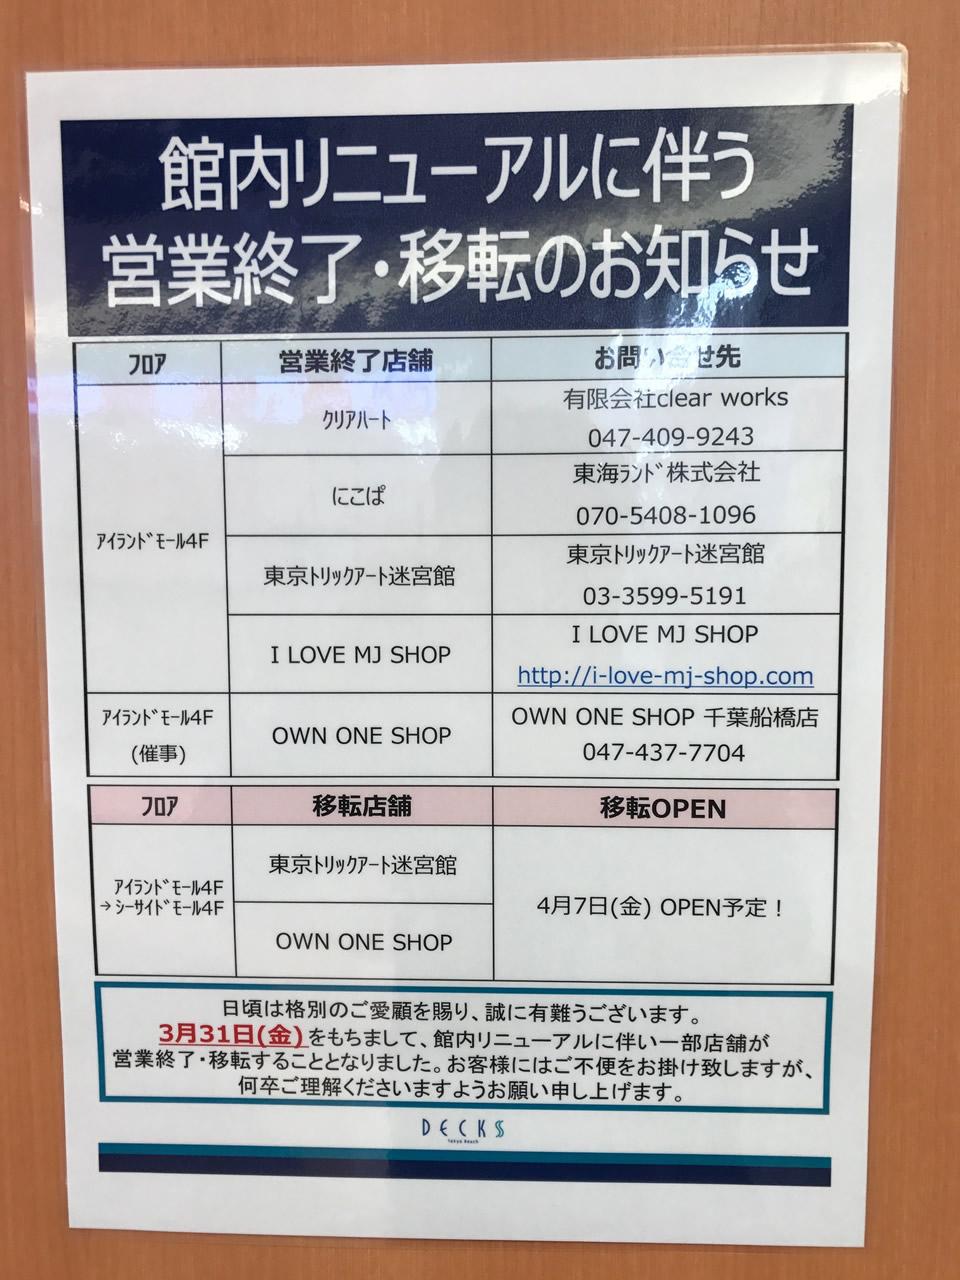 デックス東京ビーチアイランドモールのリニューアル